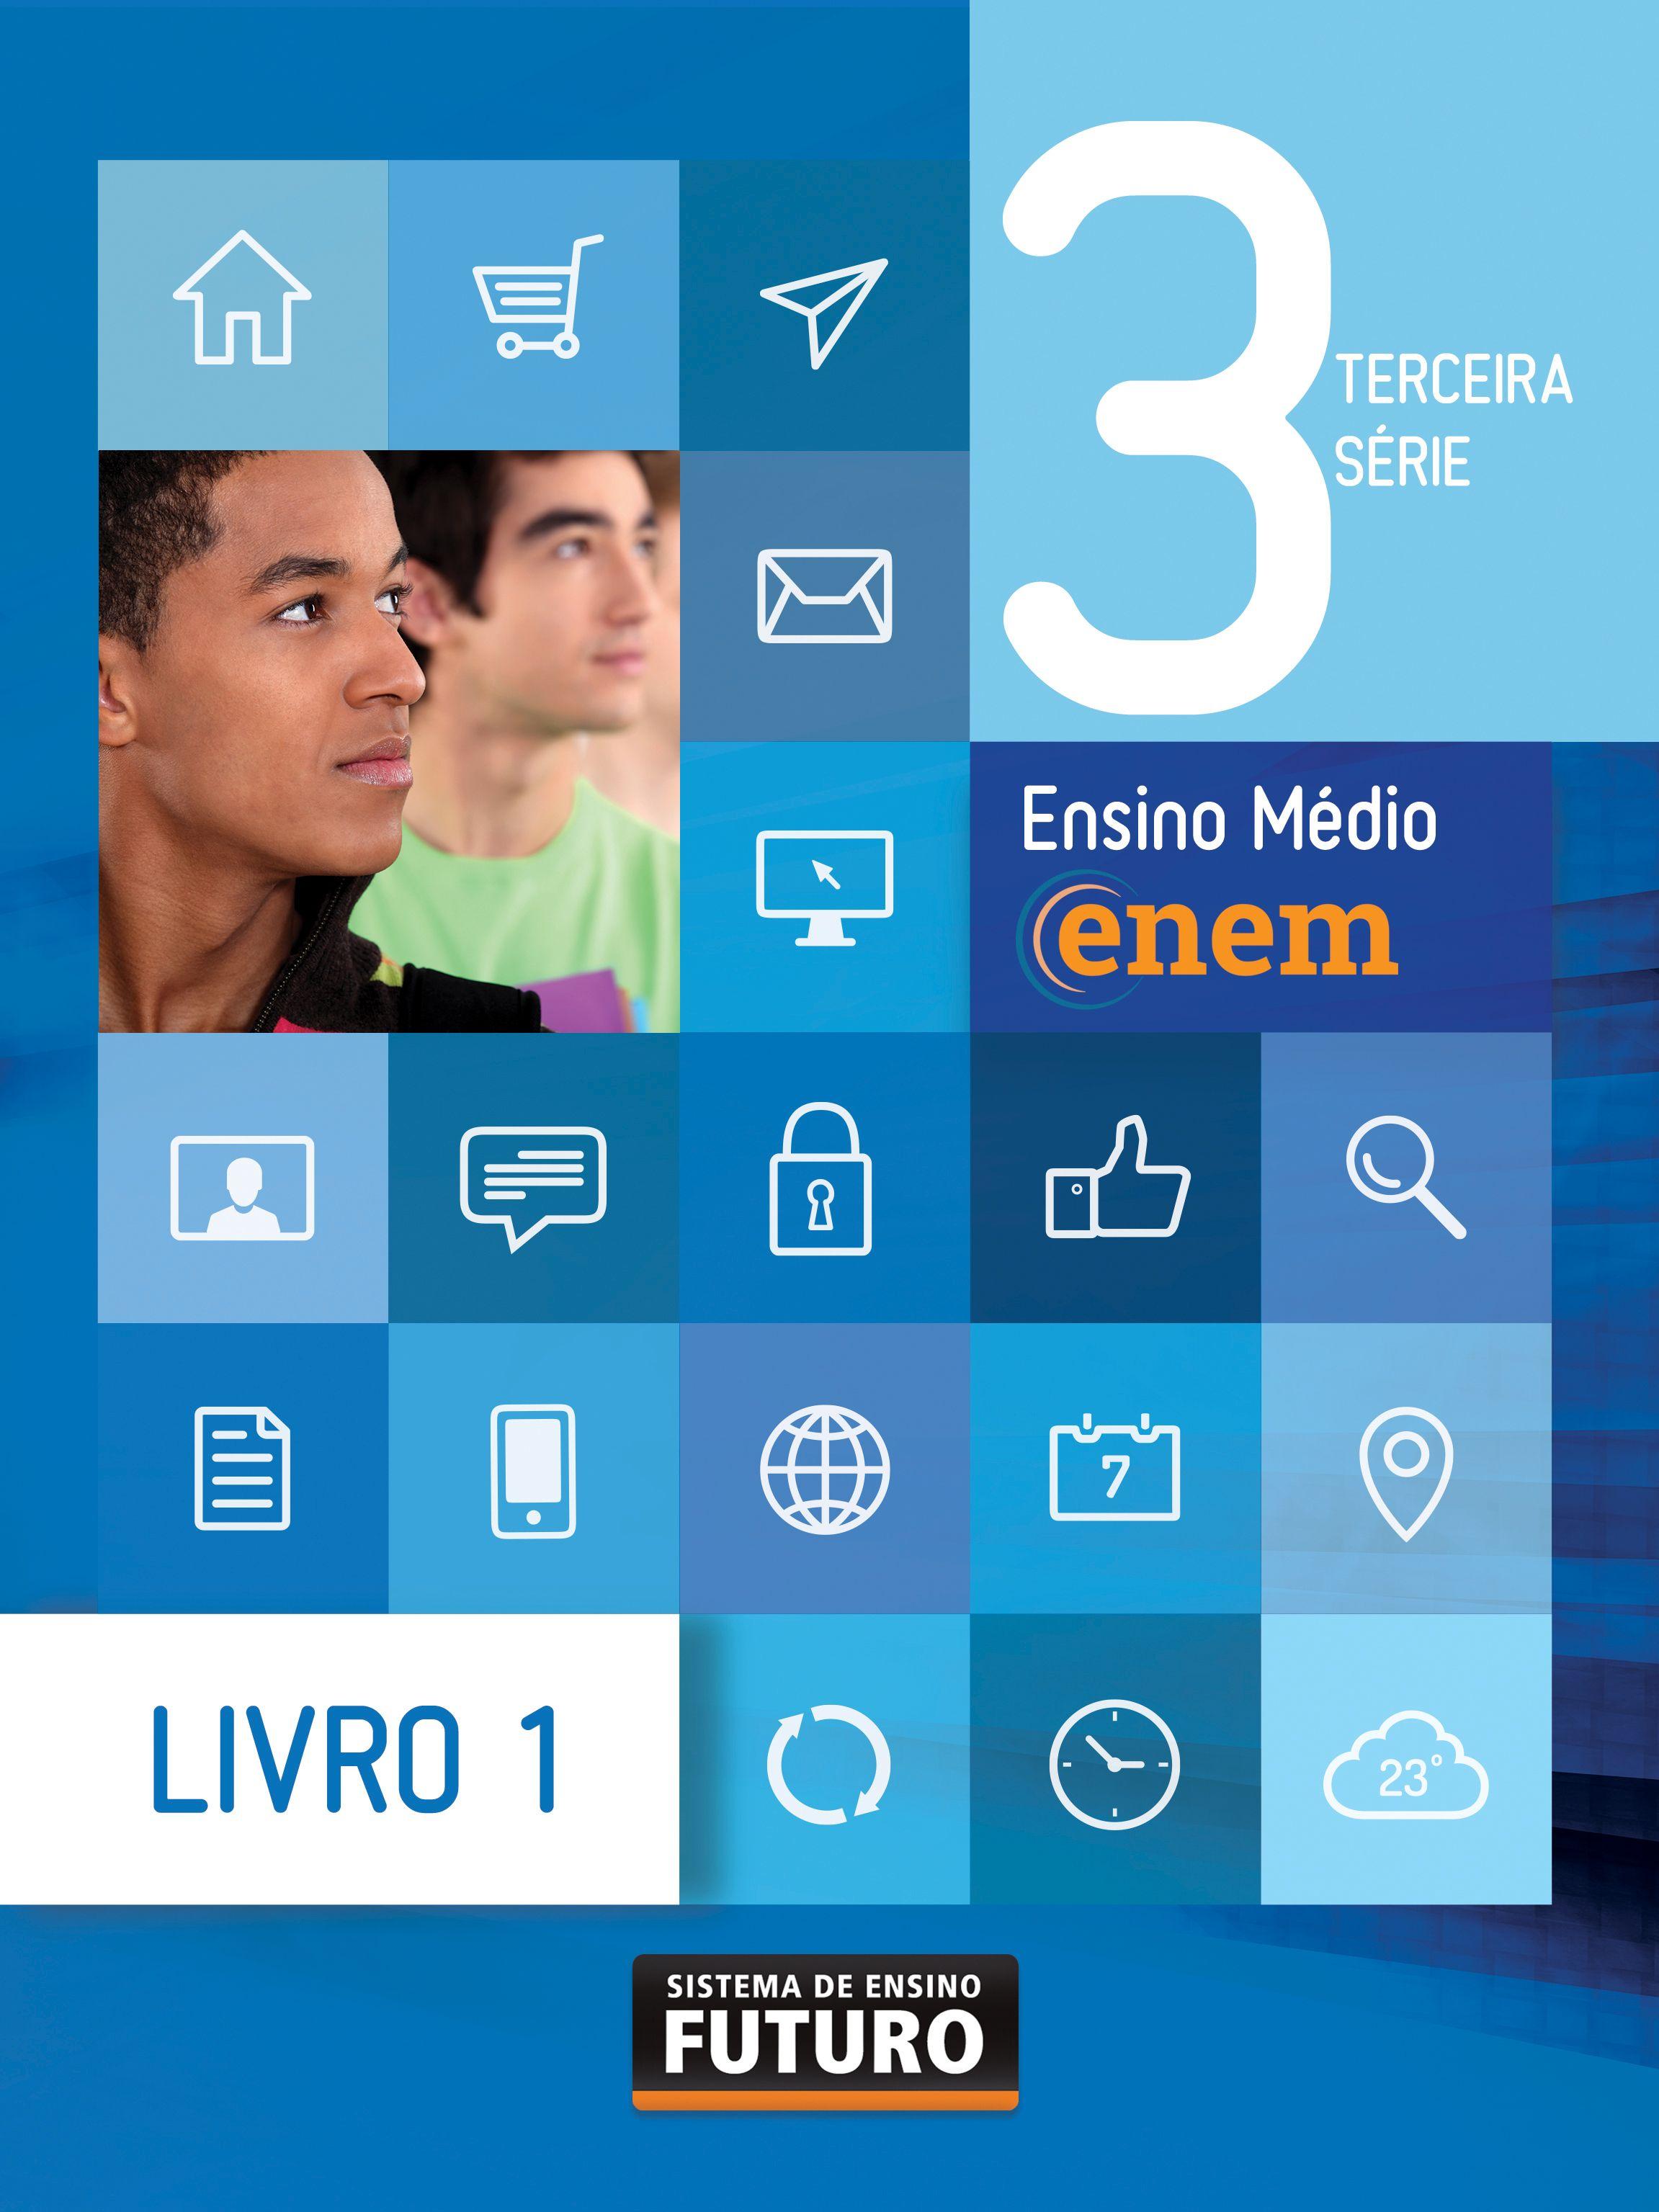 SEF - Ensino Médio Terceira Série/ENEM Sistema de Ensino Futuro/Rio de Janeiro